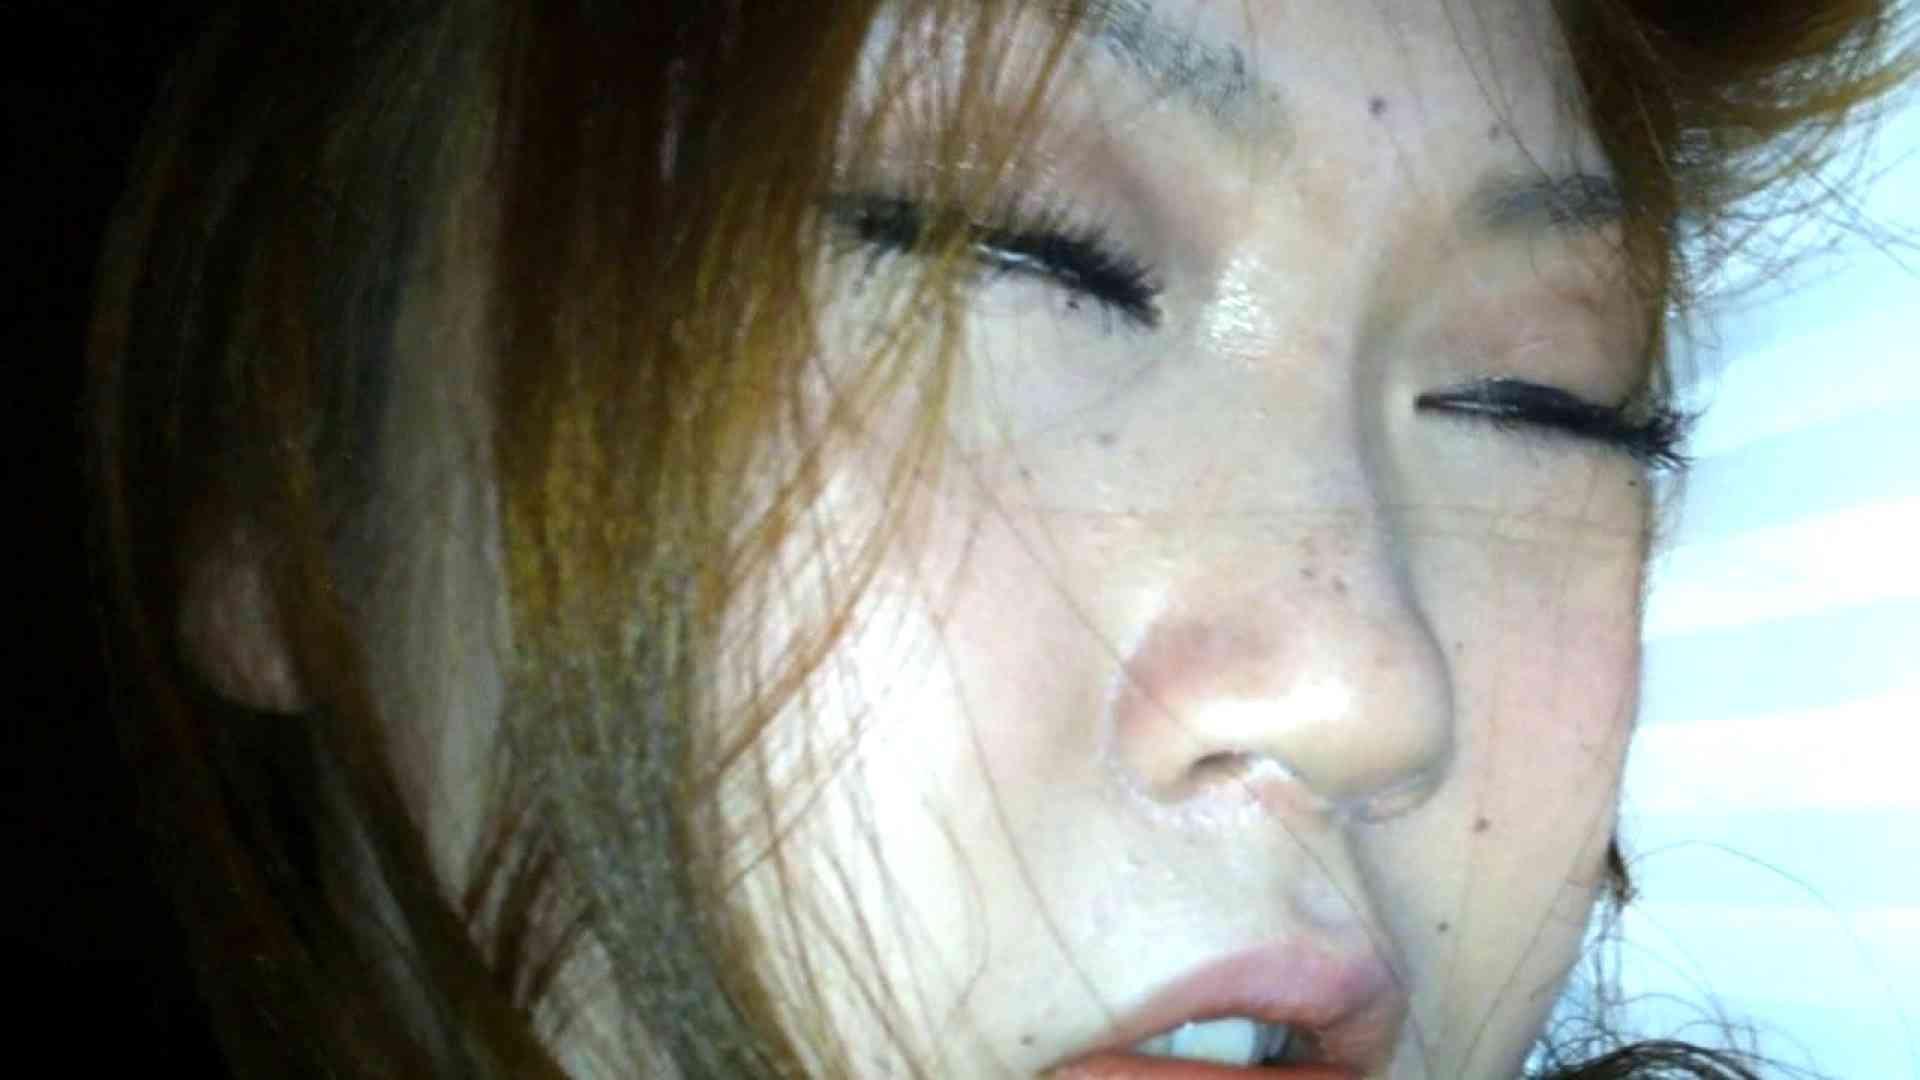 魔術師の お・も・て・な・し vol.11 19歳女子大生にホテルでイタズラ 前編 ホテルでエッチ | 女子大生  84pic 37